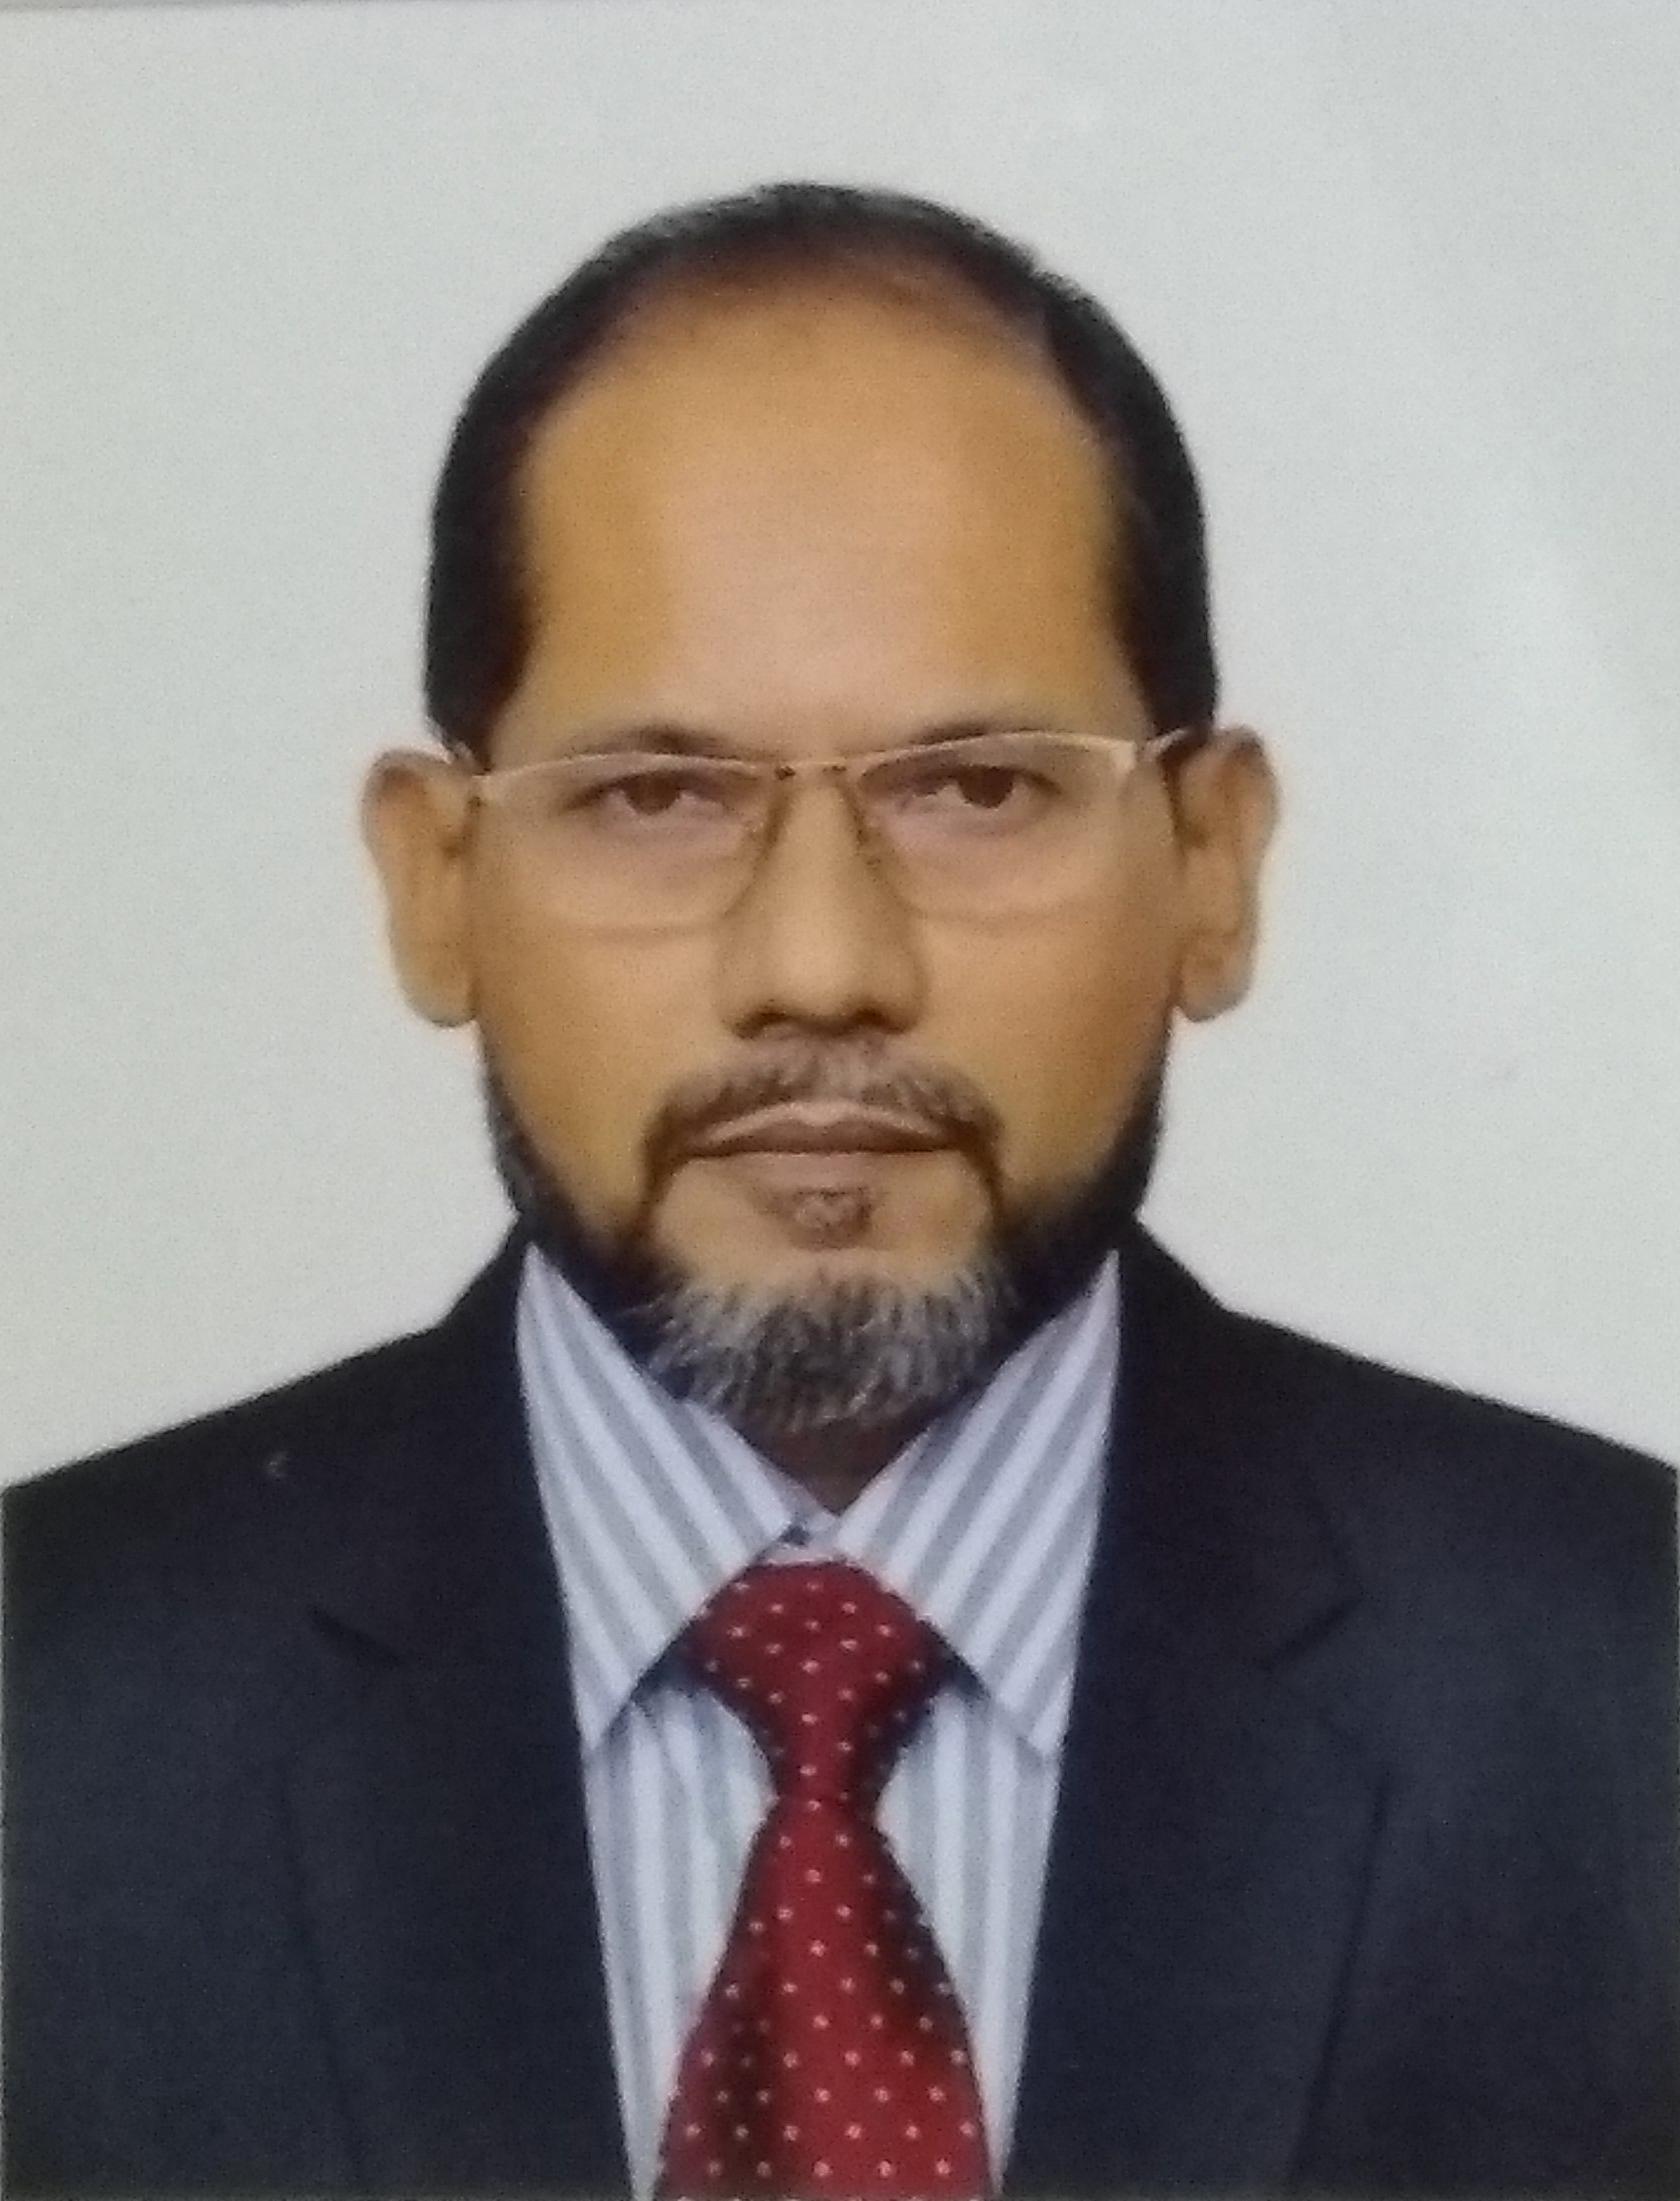 Mr. Ahamadur Rahman Helal